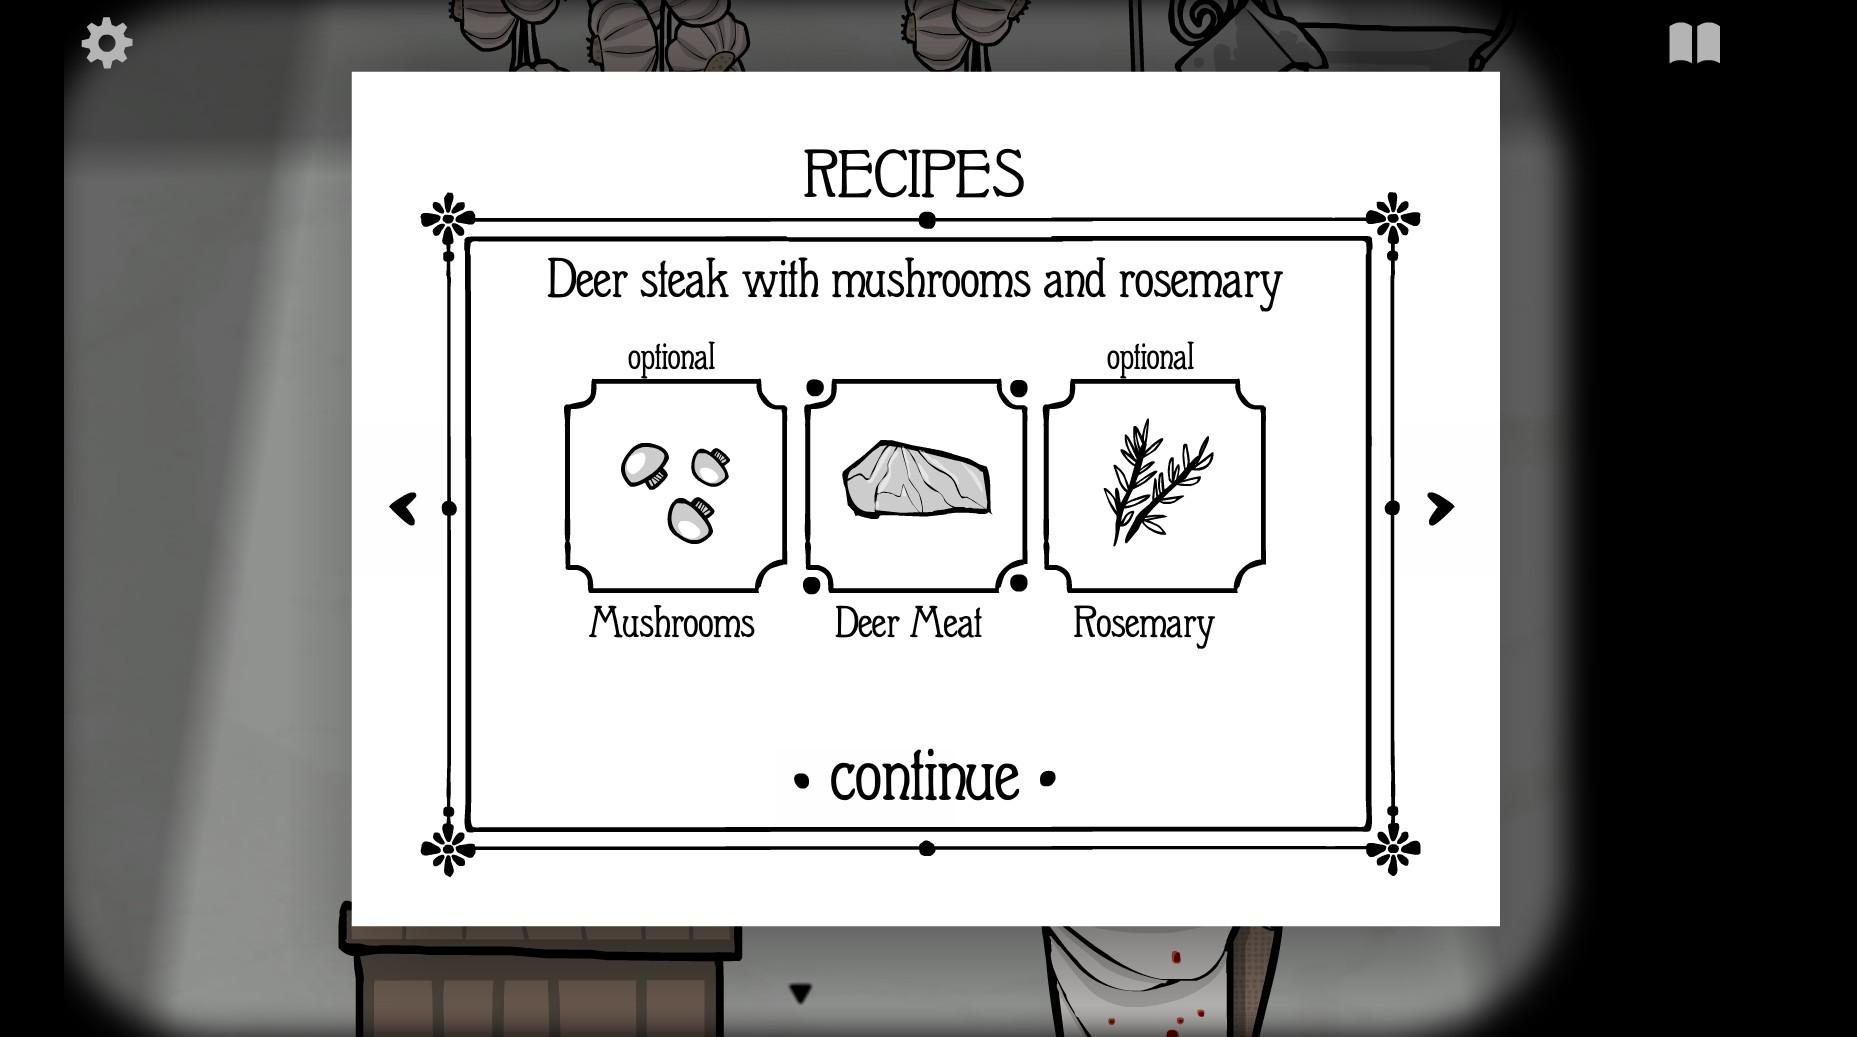 最初のディナーは鹿肉のステーキ マッシュルームとローズマリー添え。おいしそうだなあ。